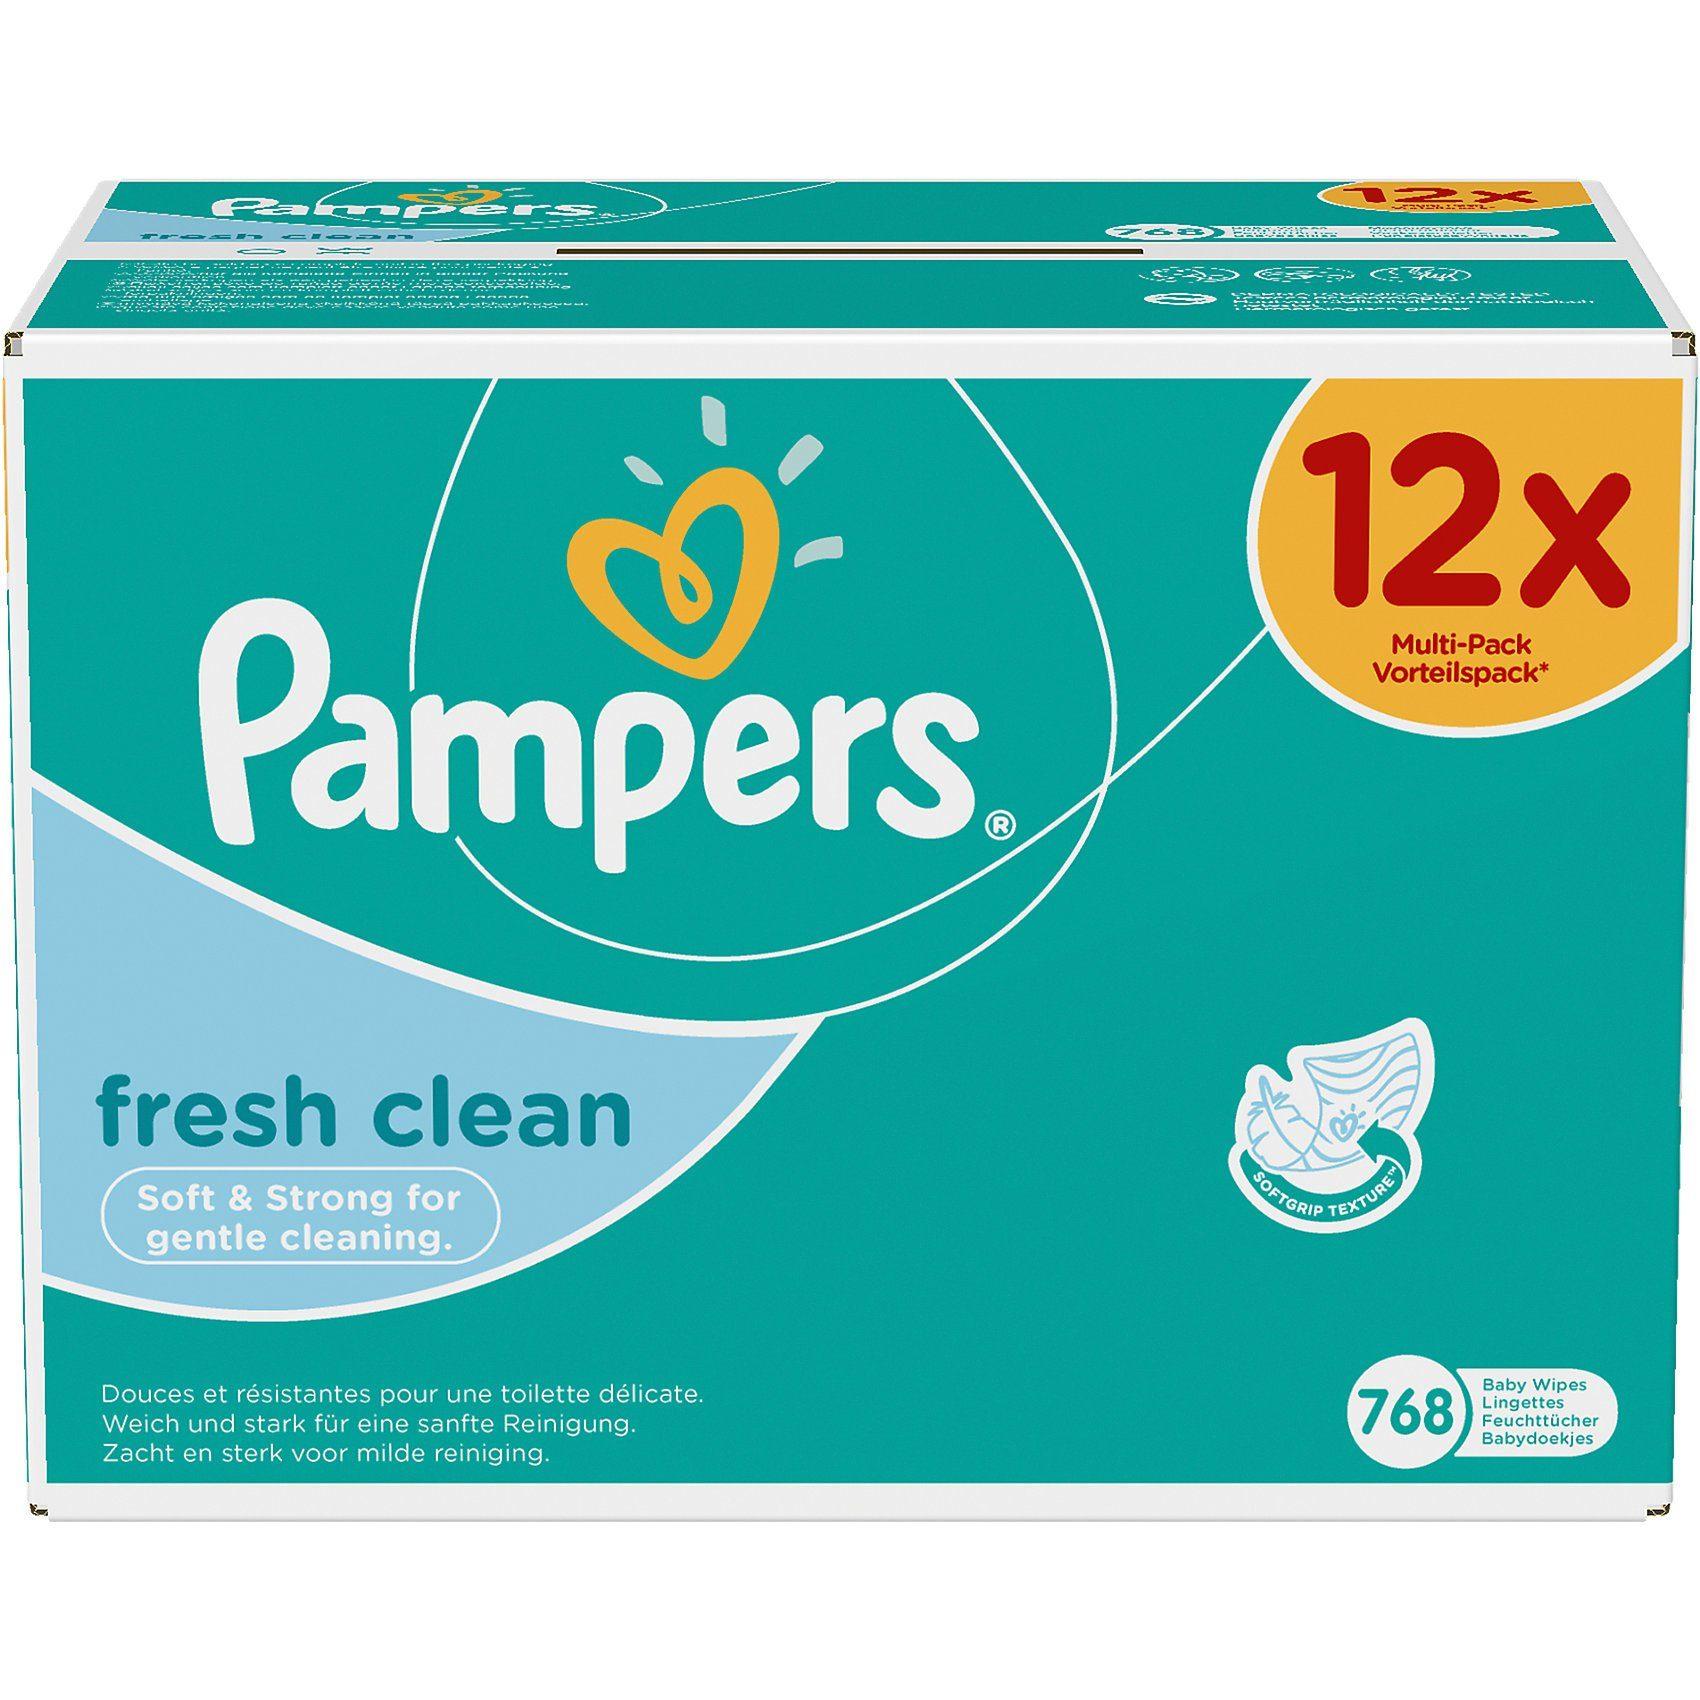 Pampers 12x64 (768) Stück Feuchttücher Fresh Clean Vorteilspack Gig